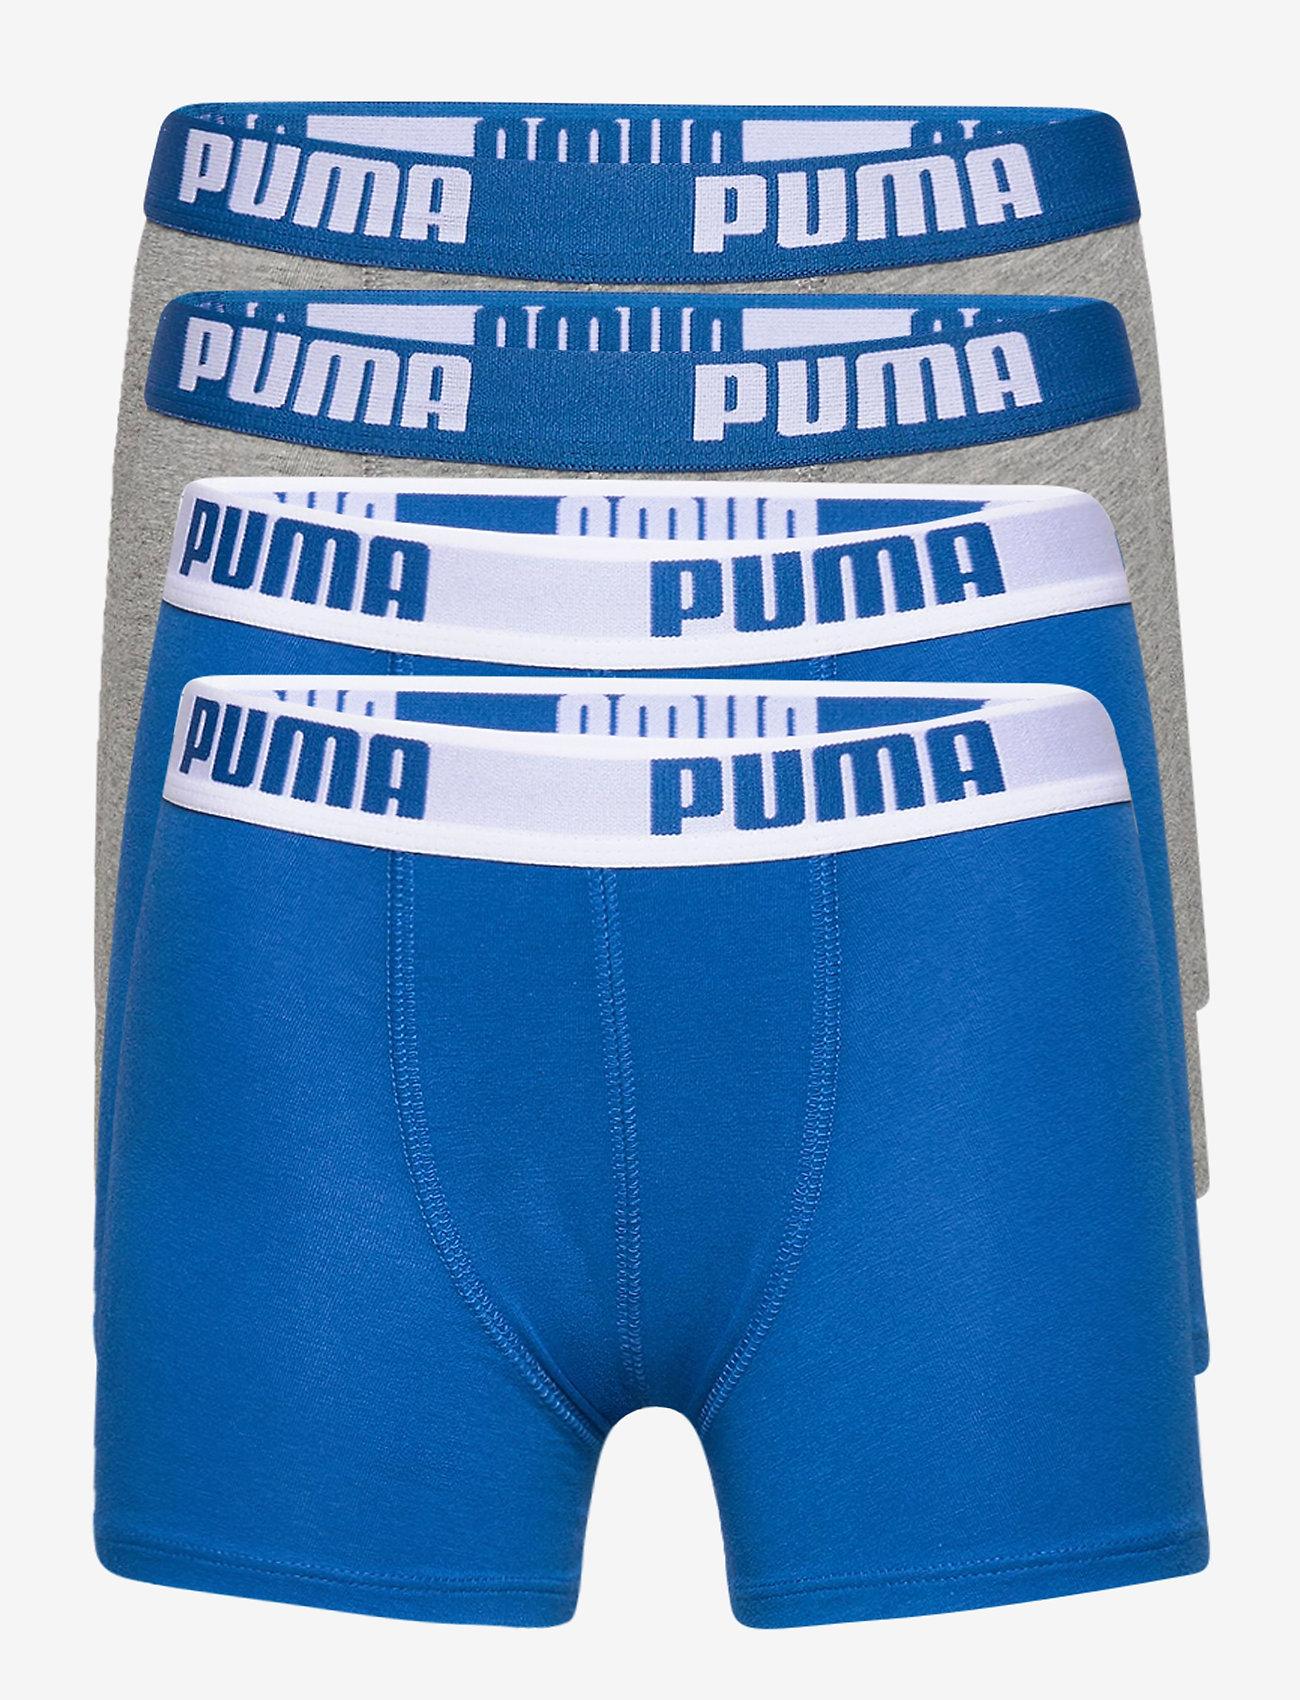 PUMA - PUMA BOYS BASIC BOXER 4P ECOM - blue / grey - 0